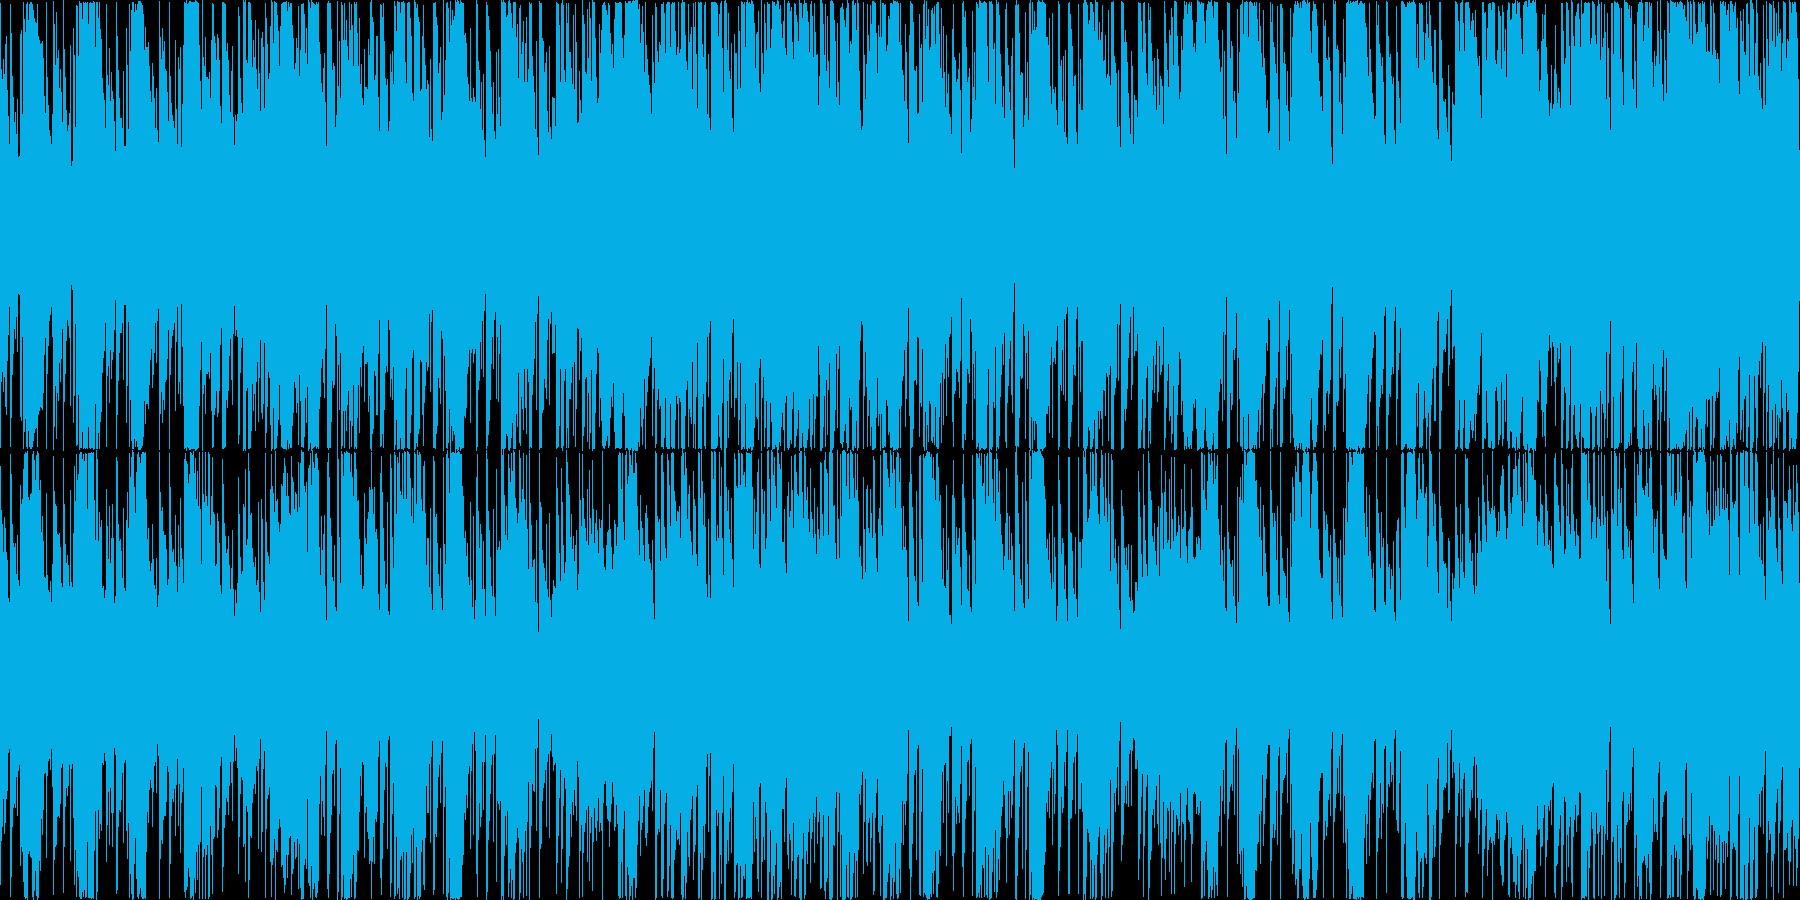 お洒落なピアノハウス楽曲。ゲーム等にの再生済みの波形